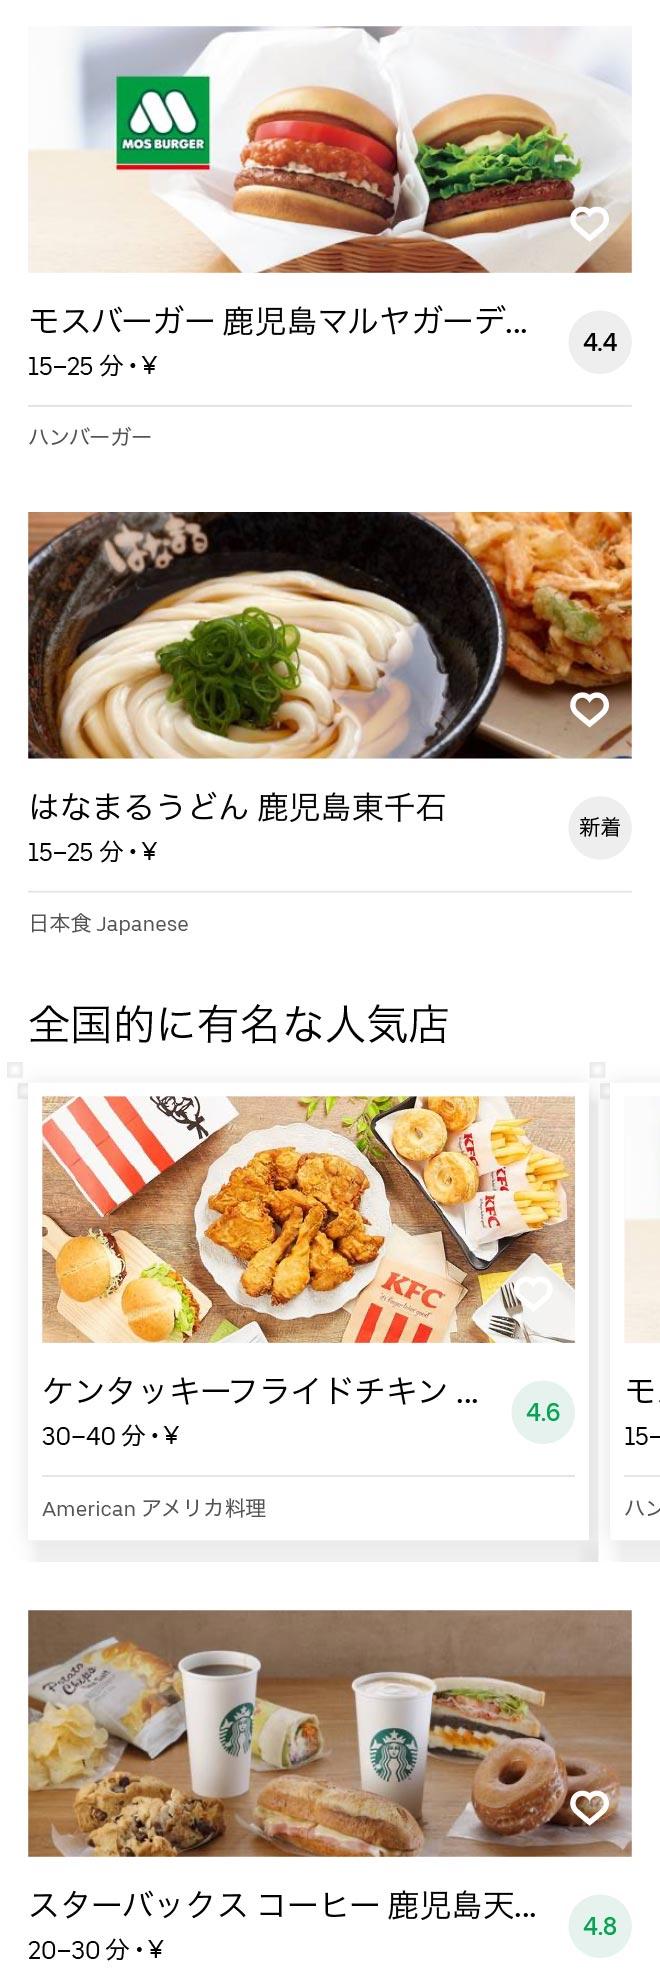 Tenmonkan menu 2009 2